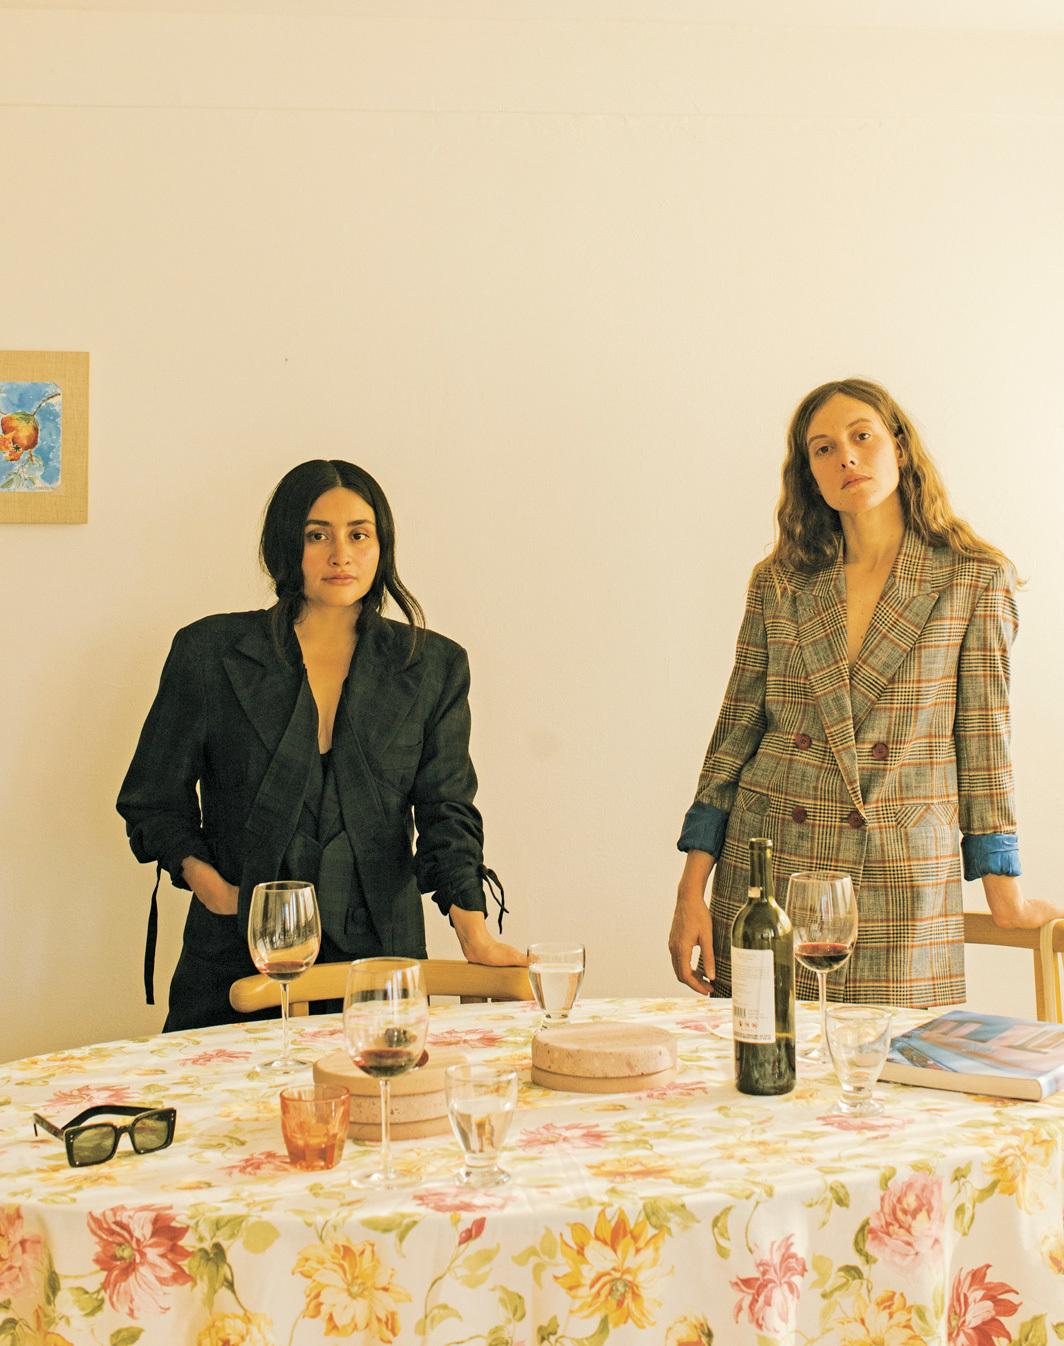 *Momoroom founders Monse Castera and Mariana Güell, 2021. *Photo: Manuel Zuñiga.